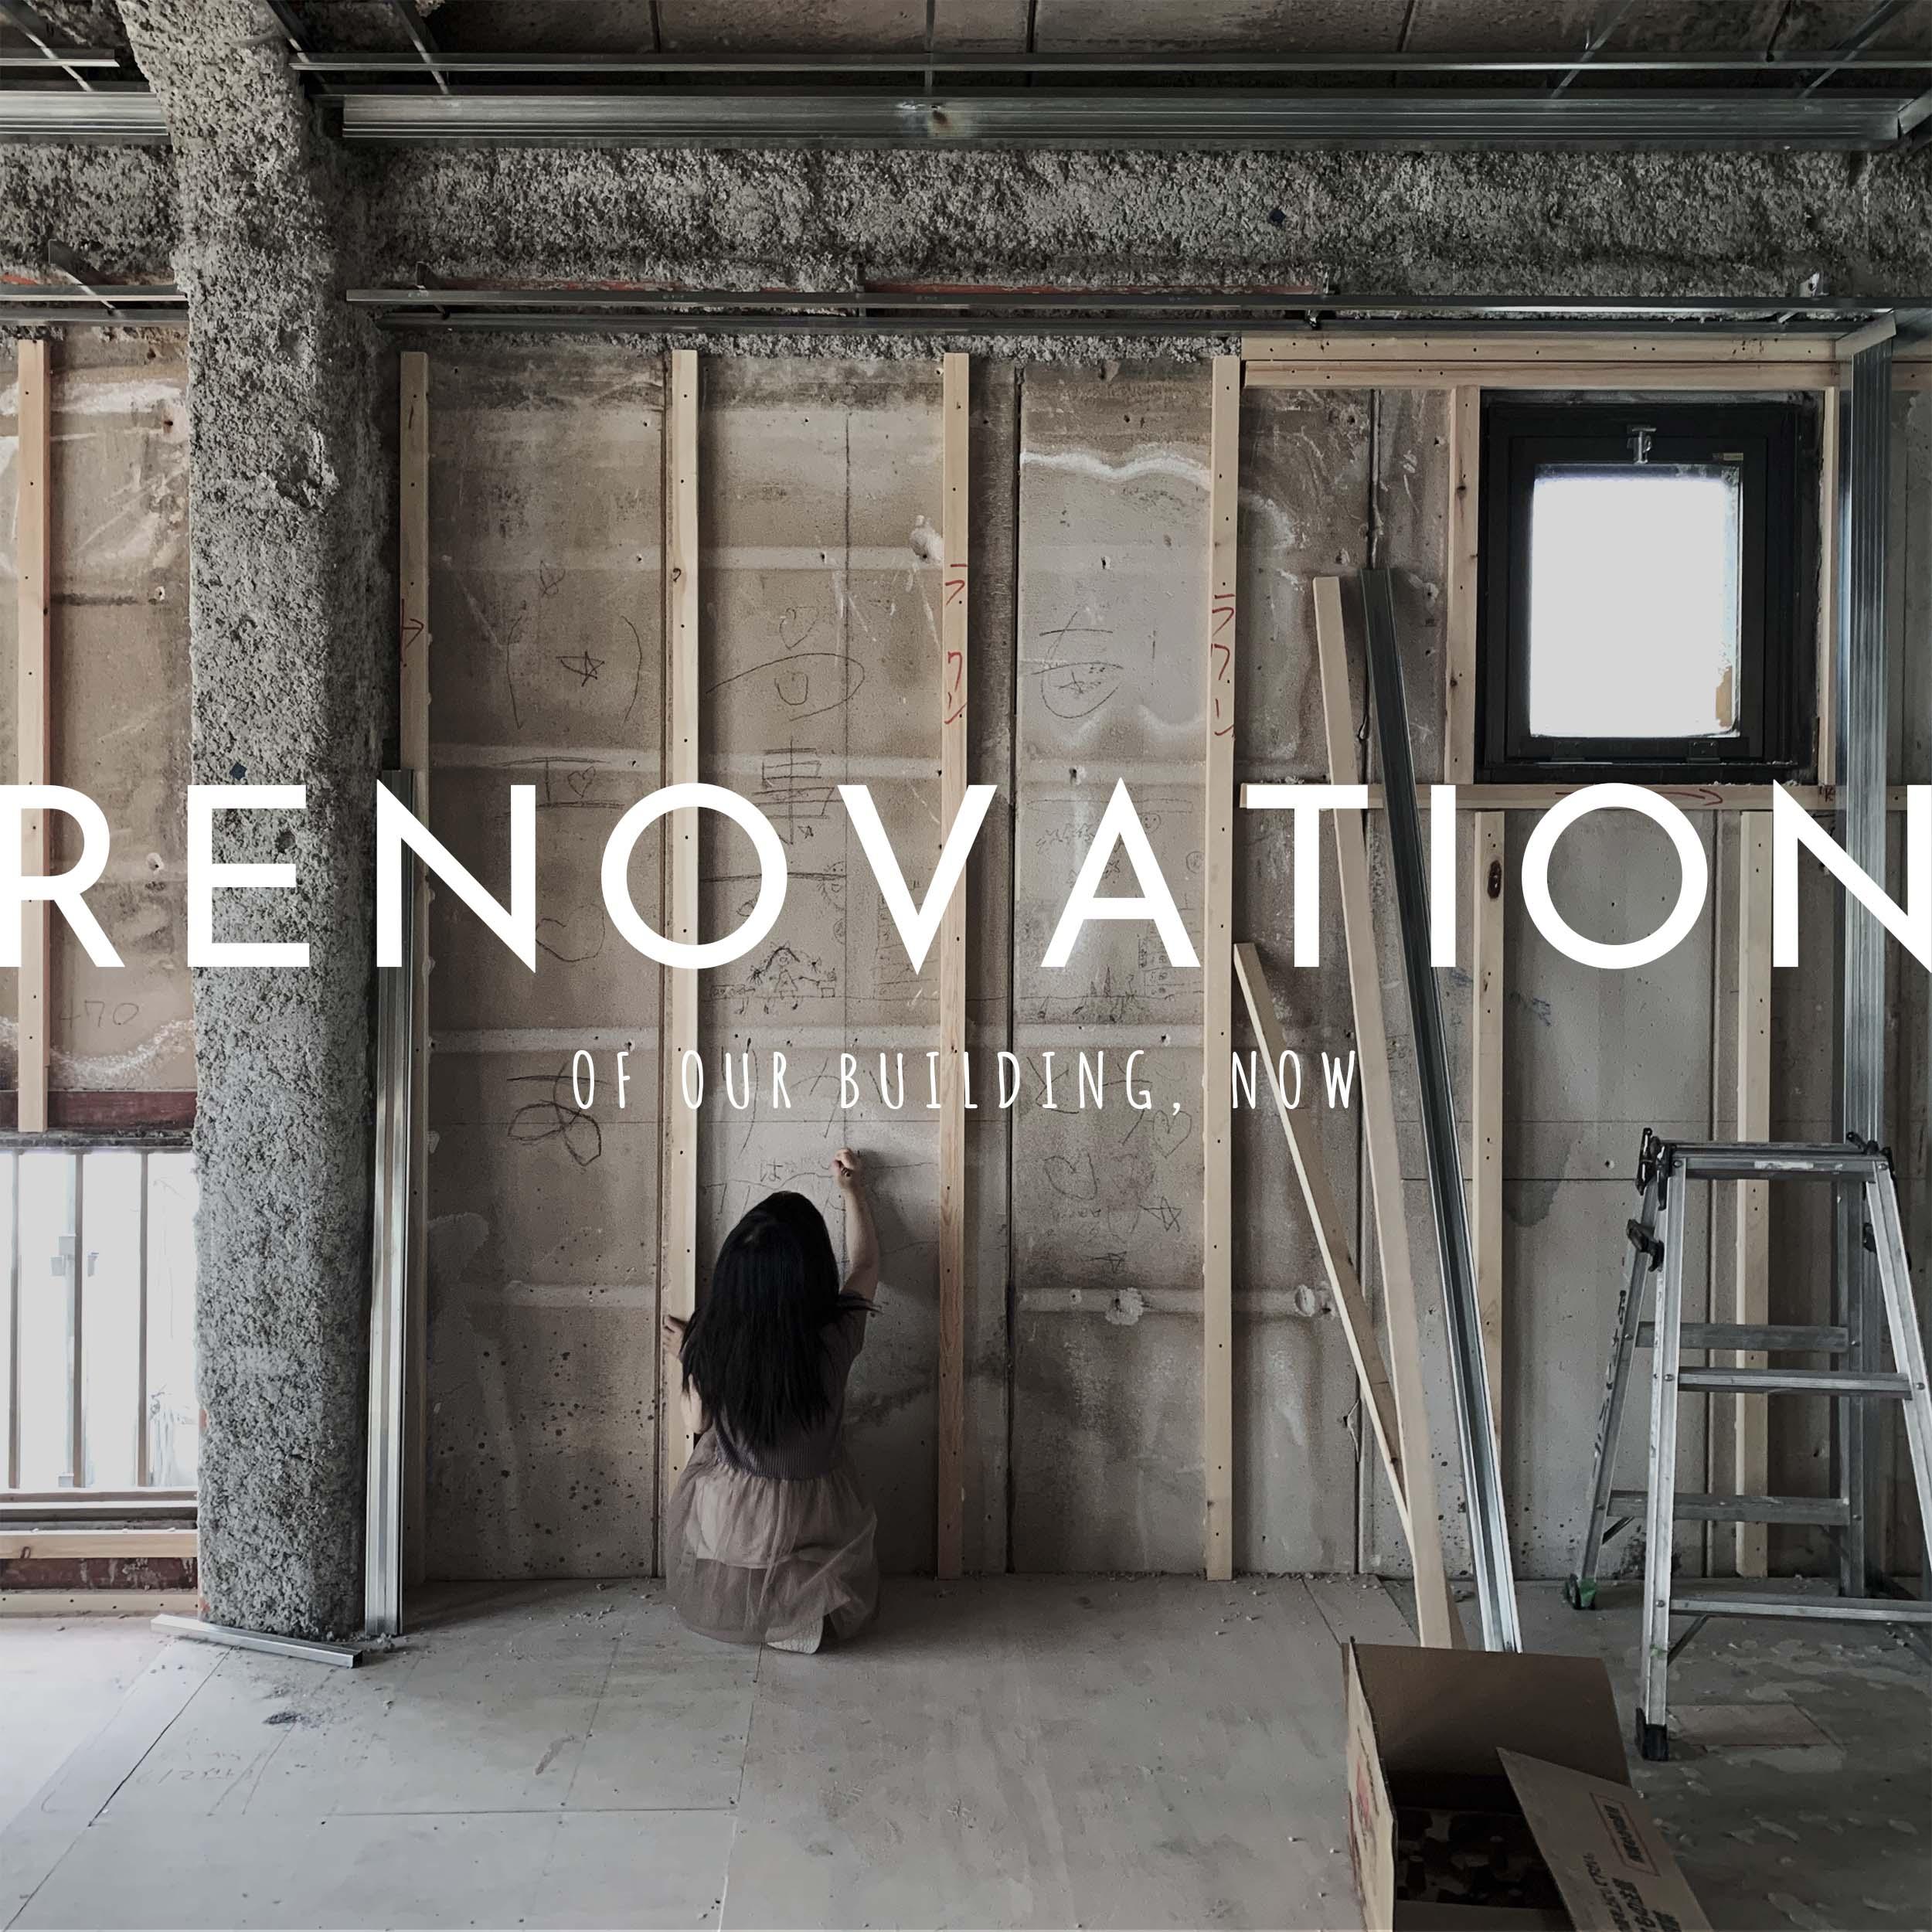 古いビルをリノベーション中。renovation_of_the_building_now